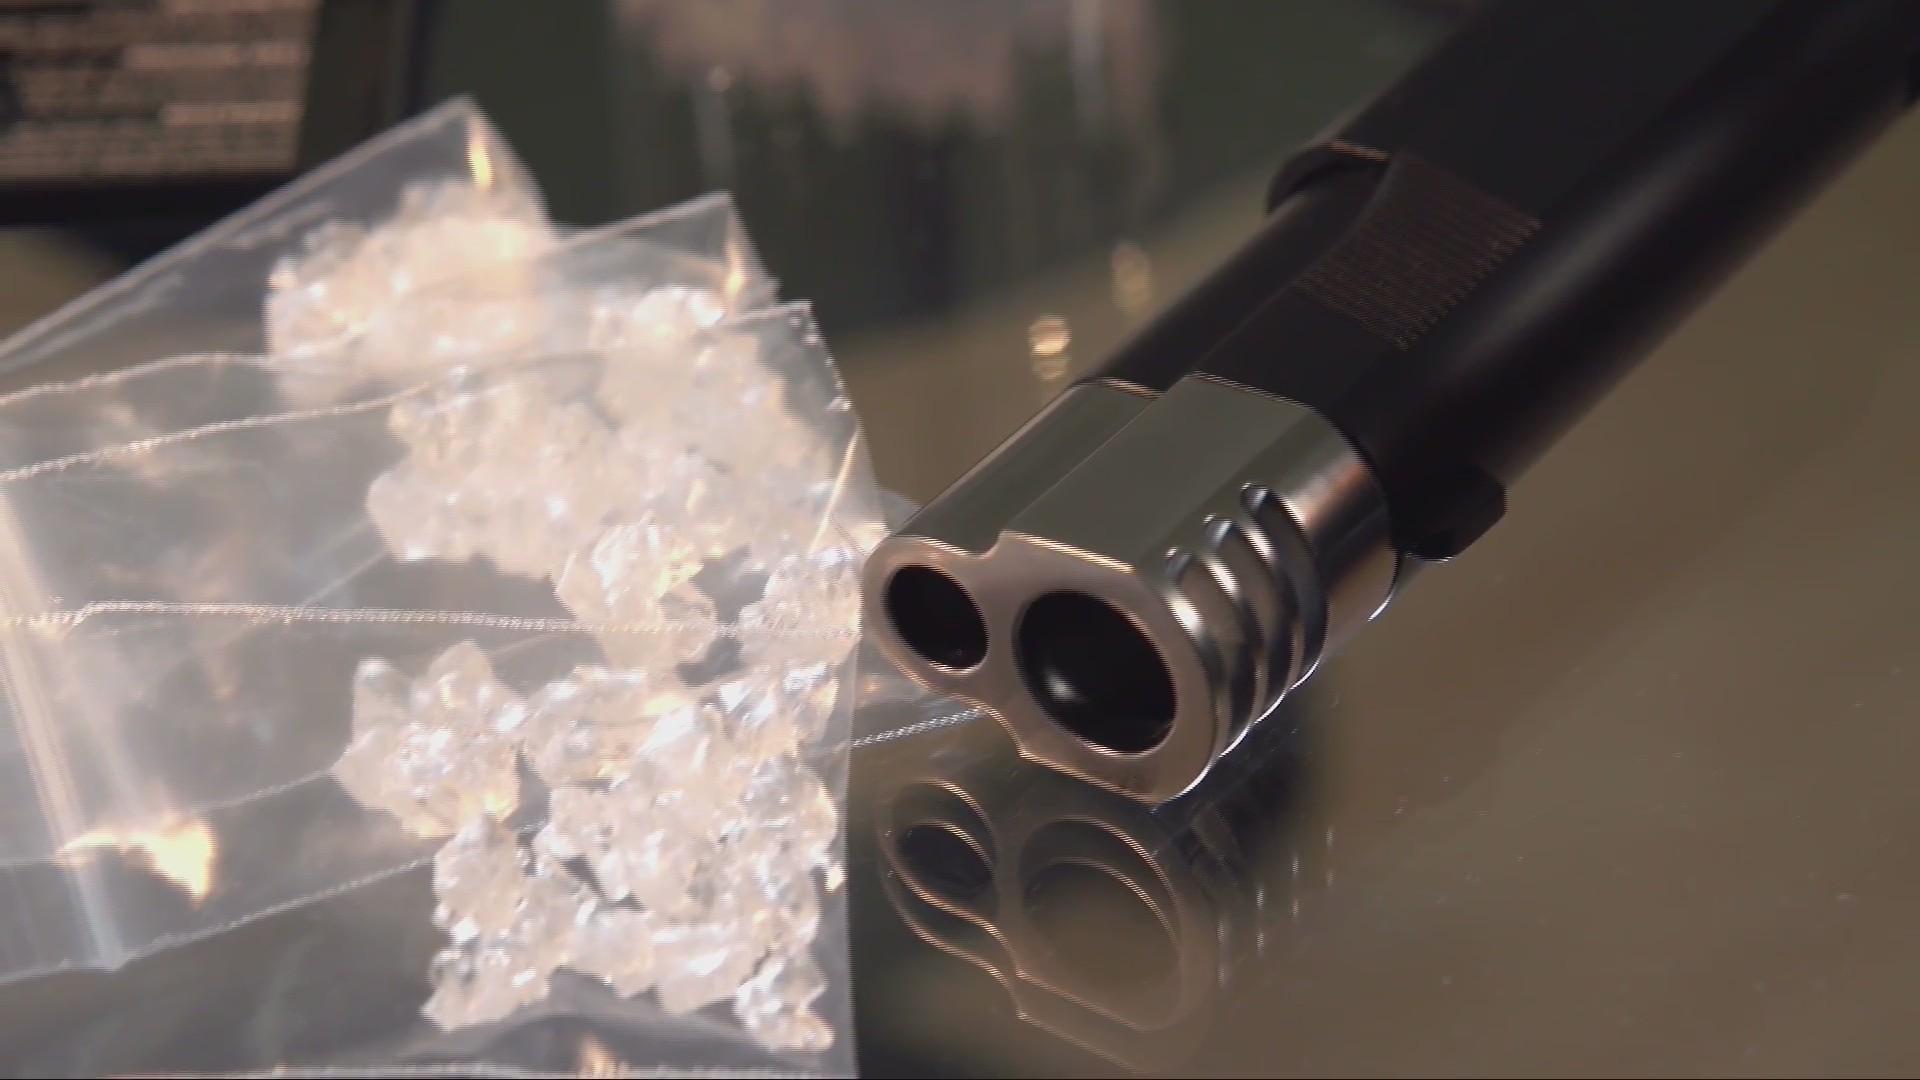 Charleston Police Seize meth, guns During Traffic stop